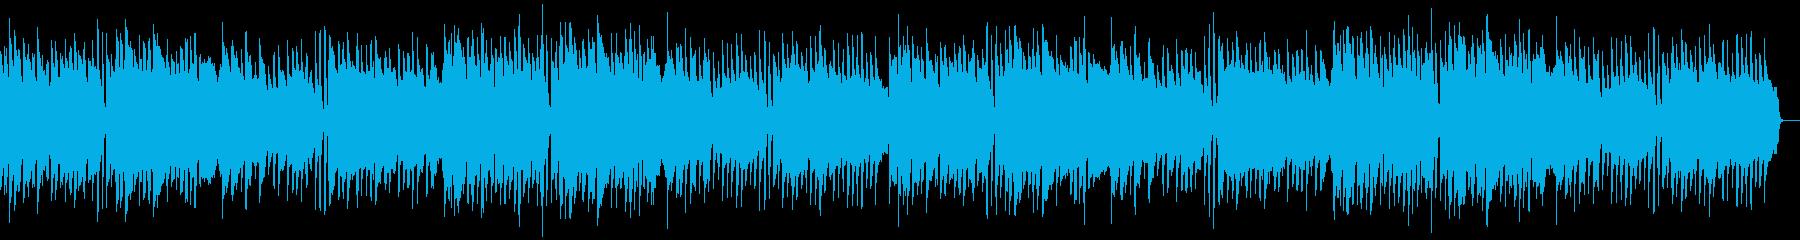 日常、ほのぼの、ゆったりの再生済みの波形